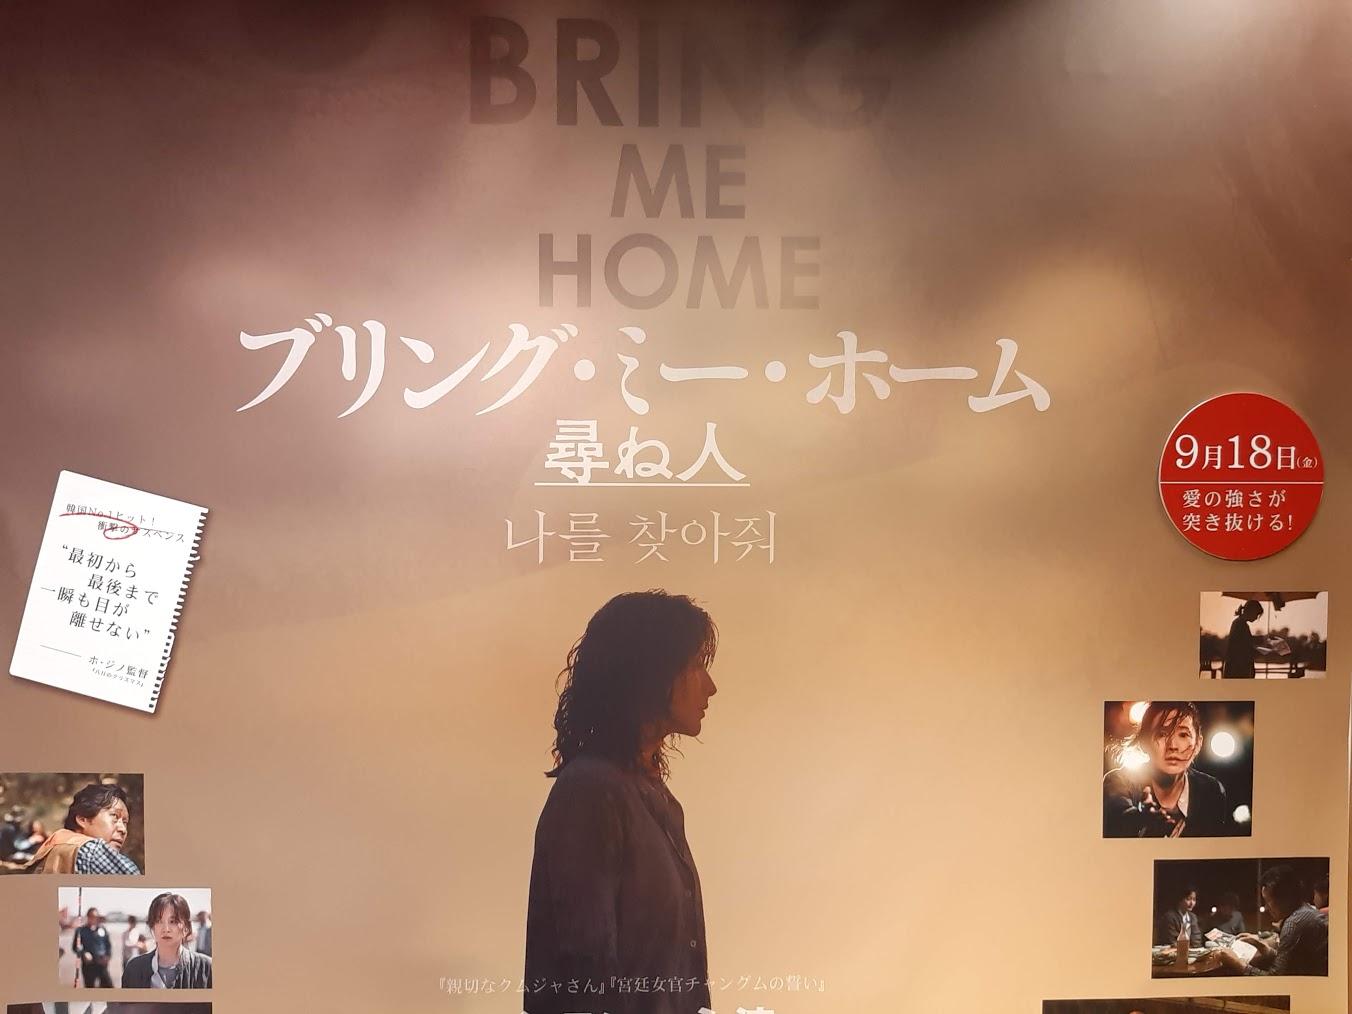 映画『ブリング・ミー・ホーム』のポスター